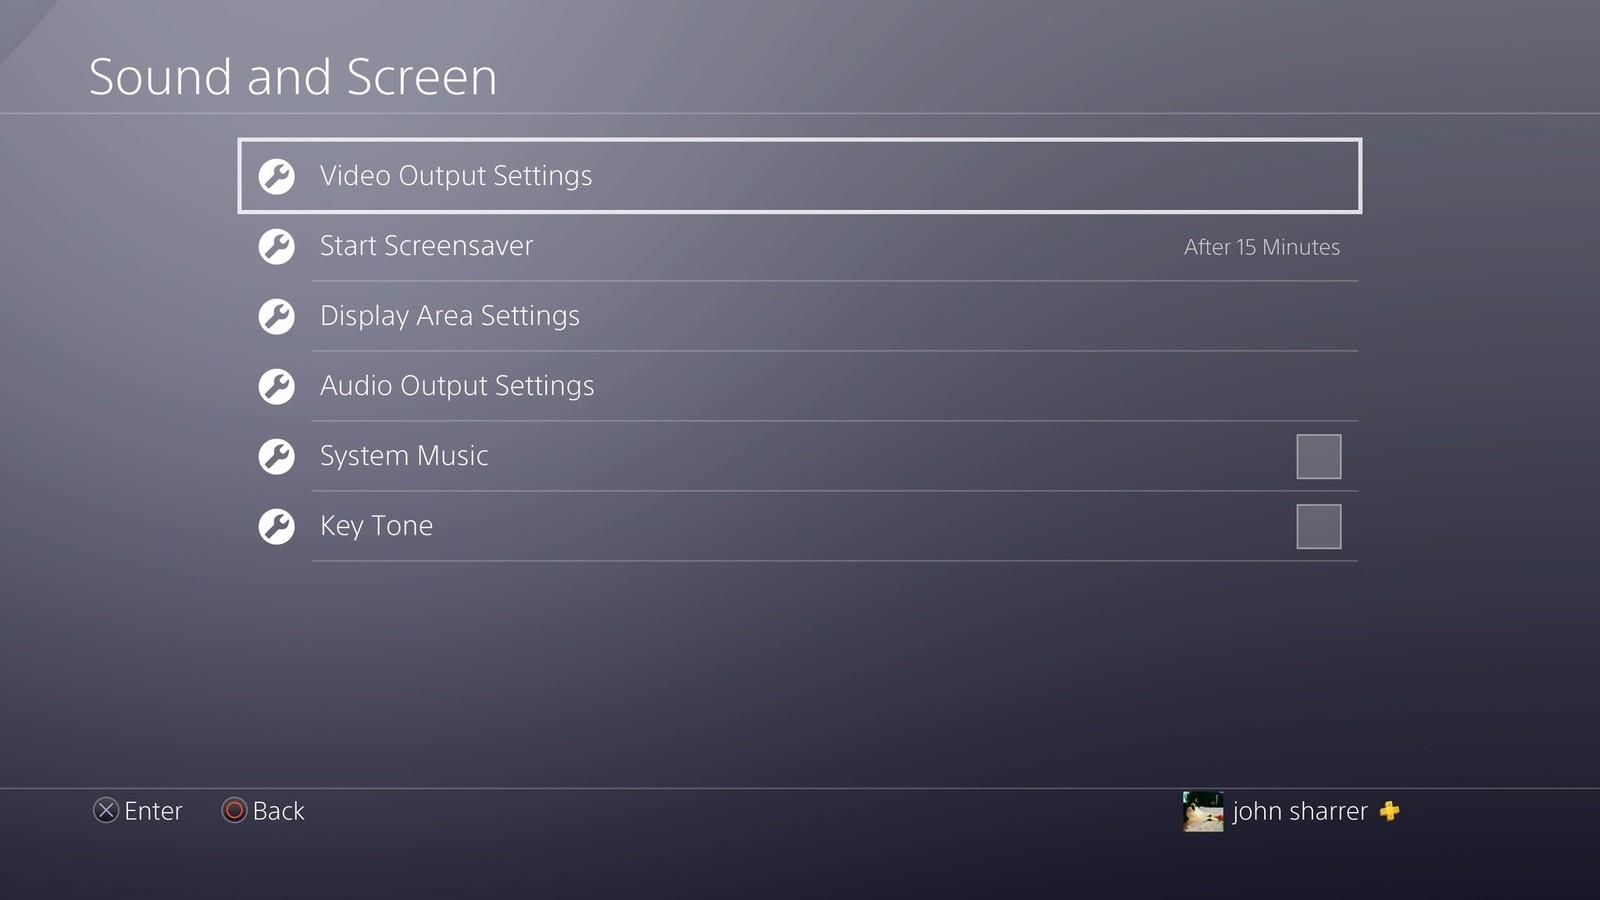 Cách bật chế độ 4K trên Playstation 4 Pro